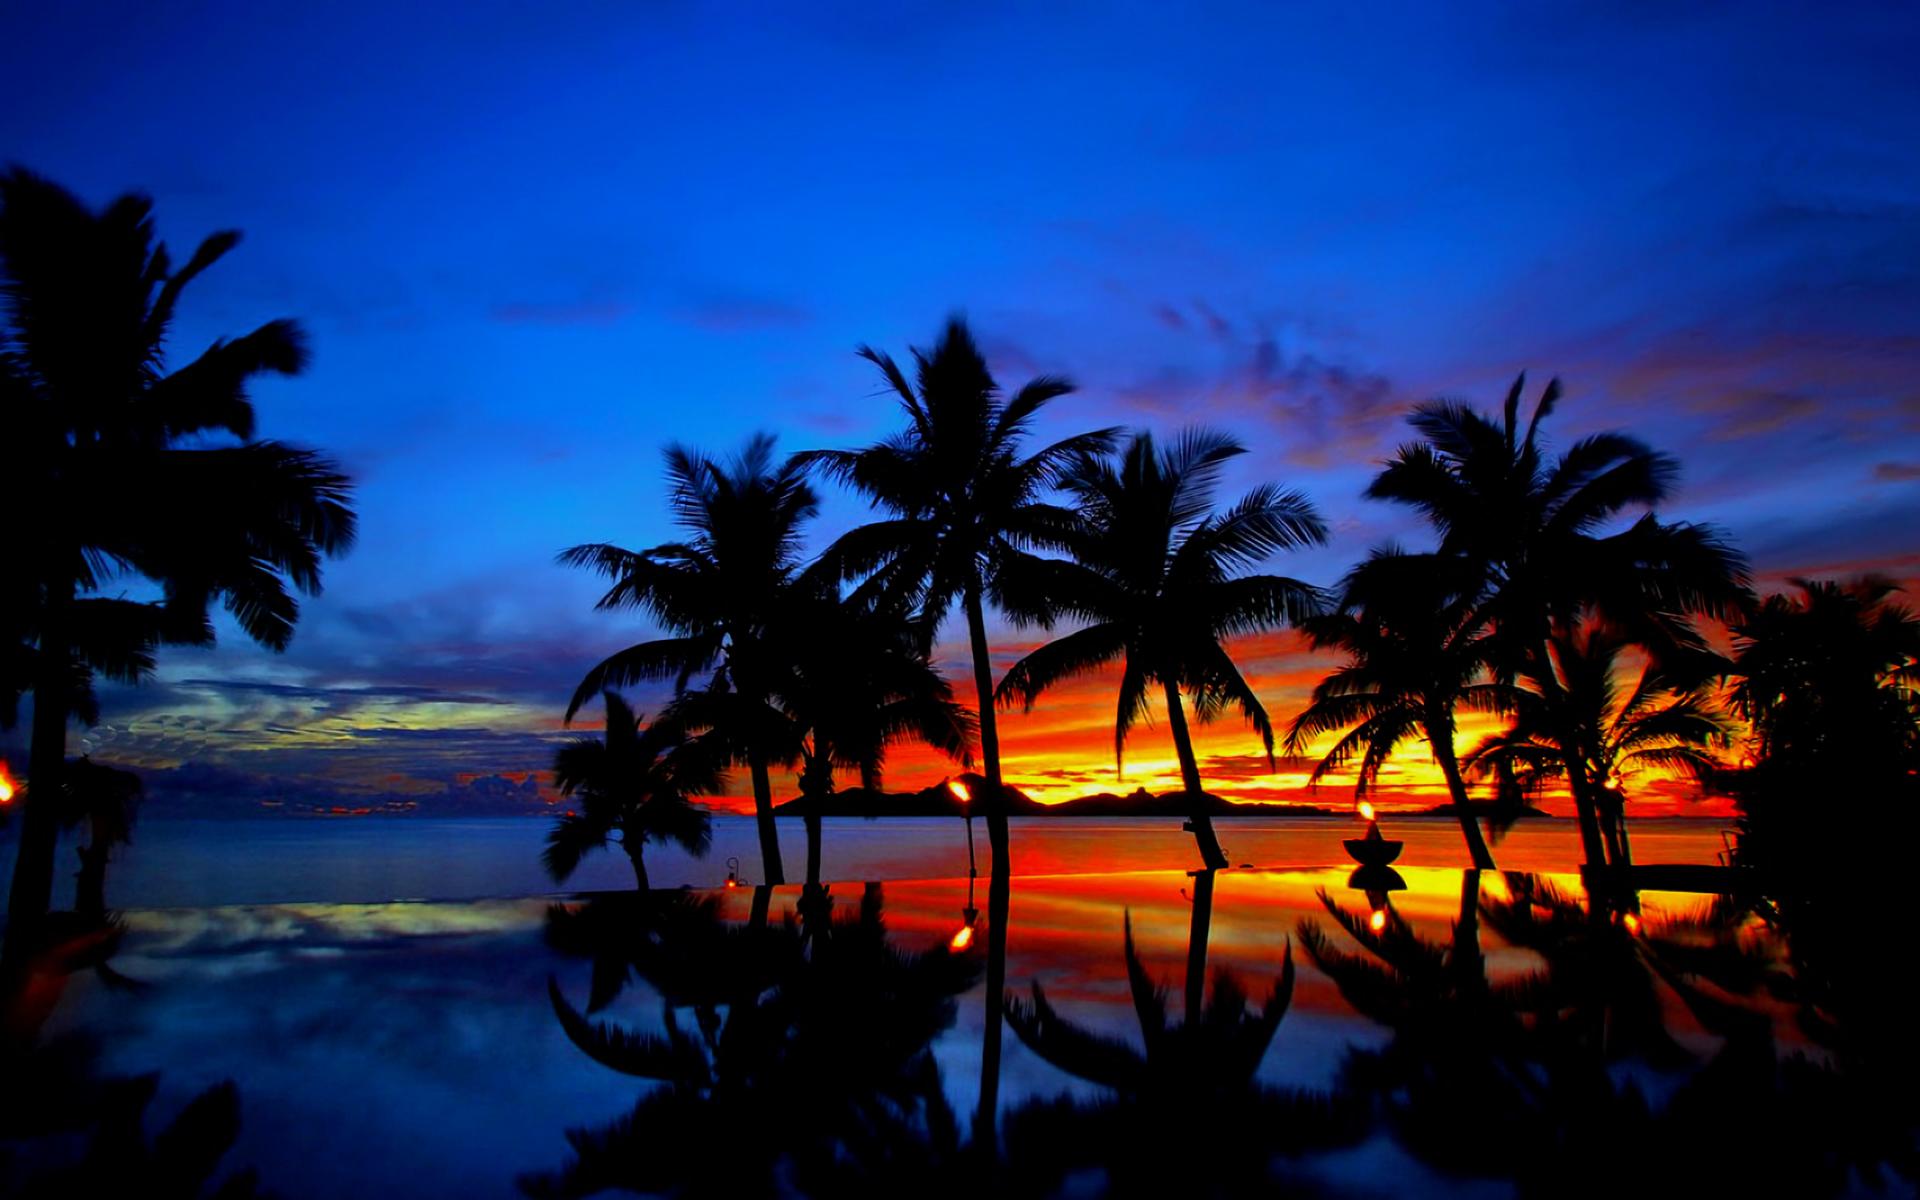 Tropical Sunset HD Wallpaper